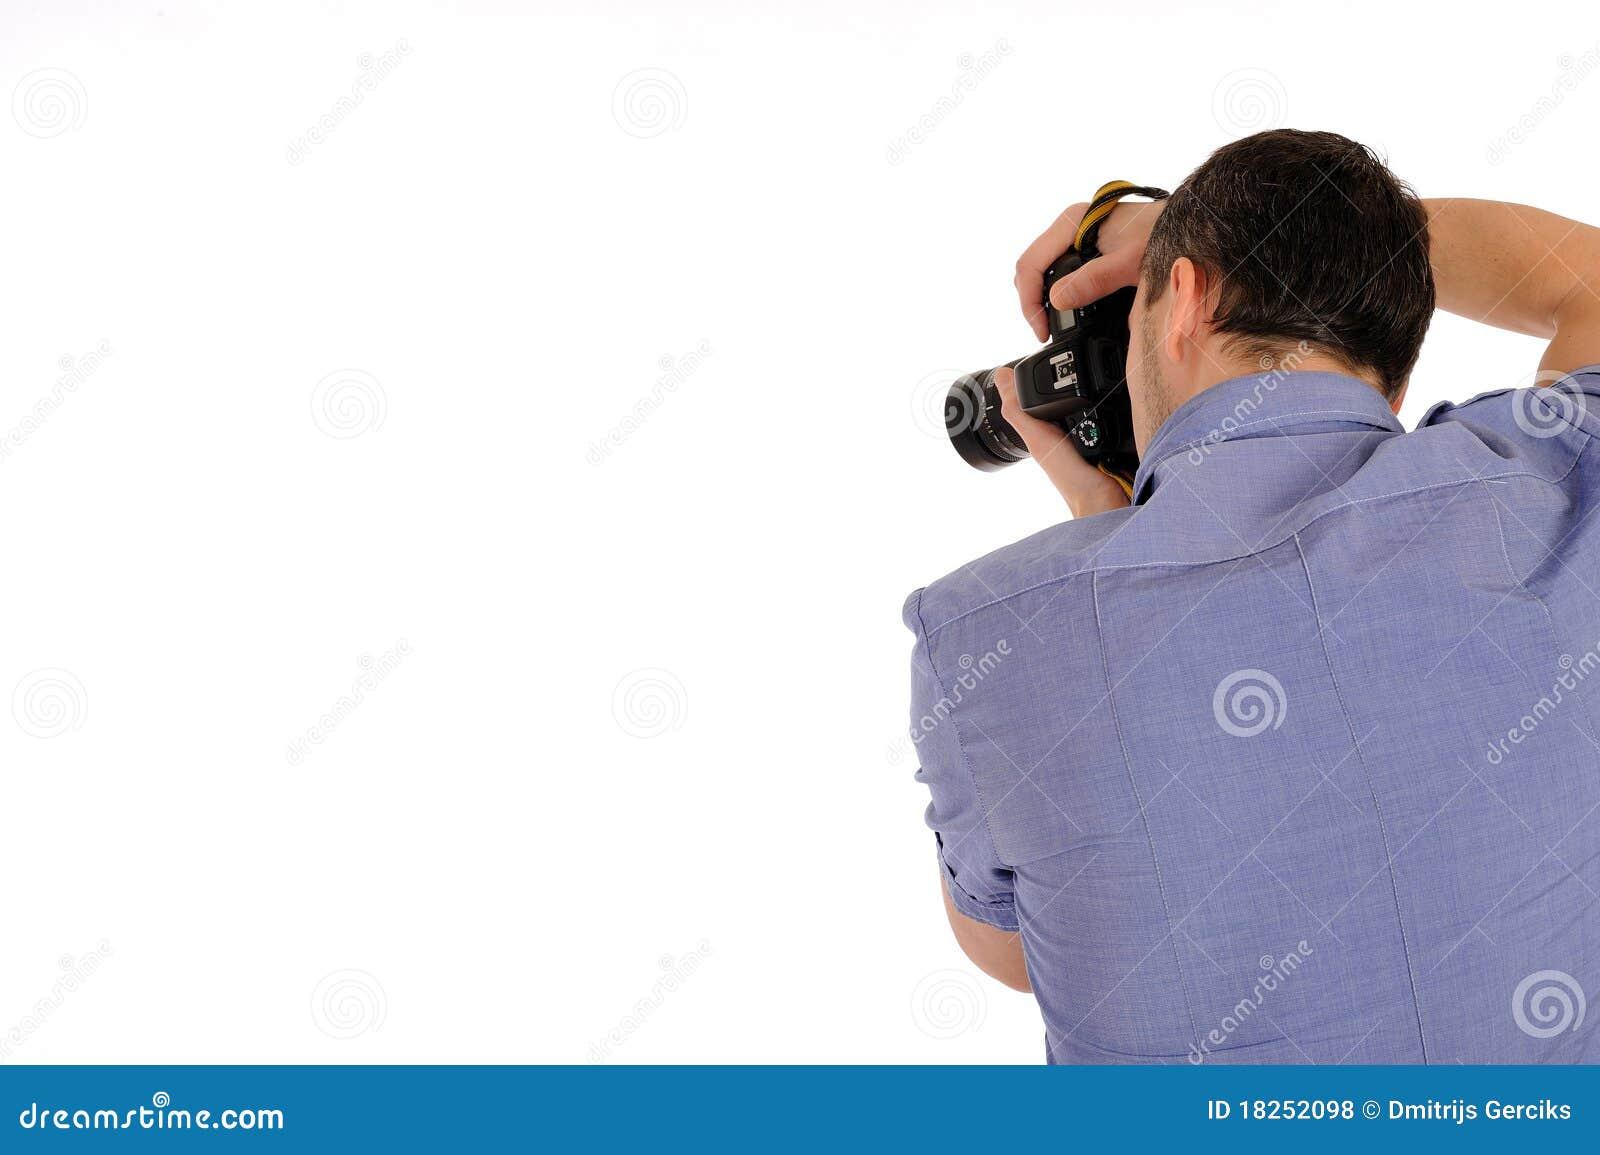 сфотографировала со спины